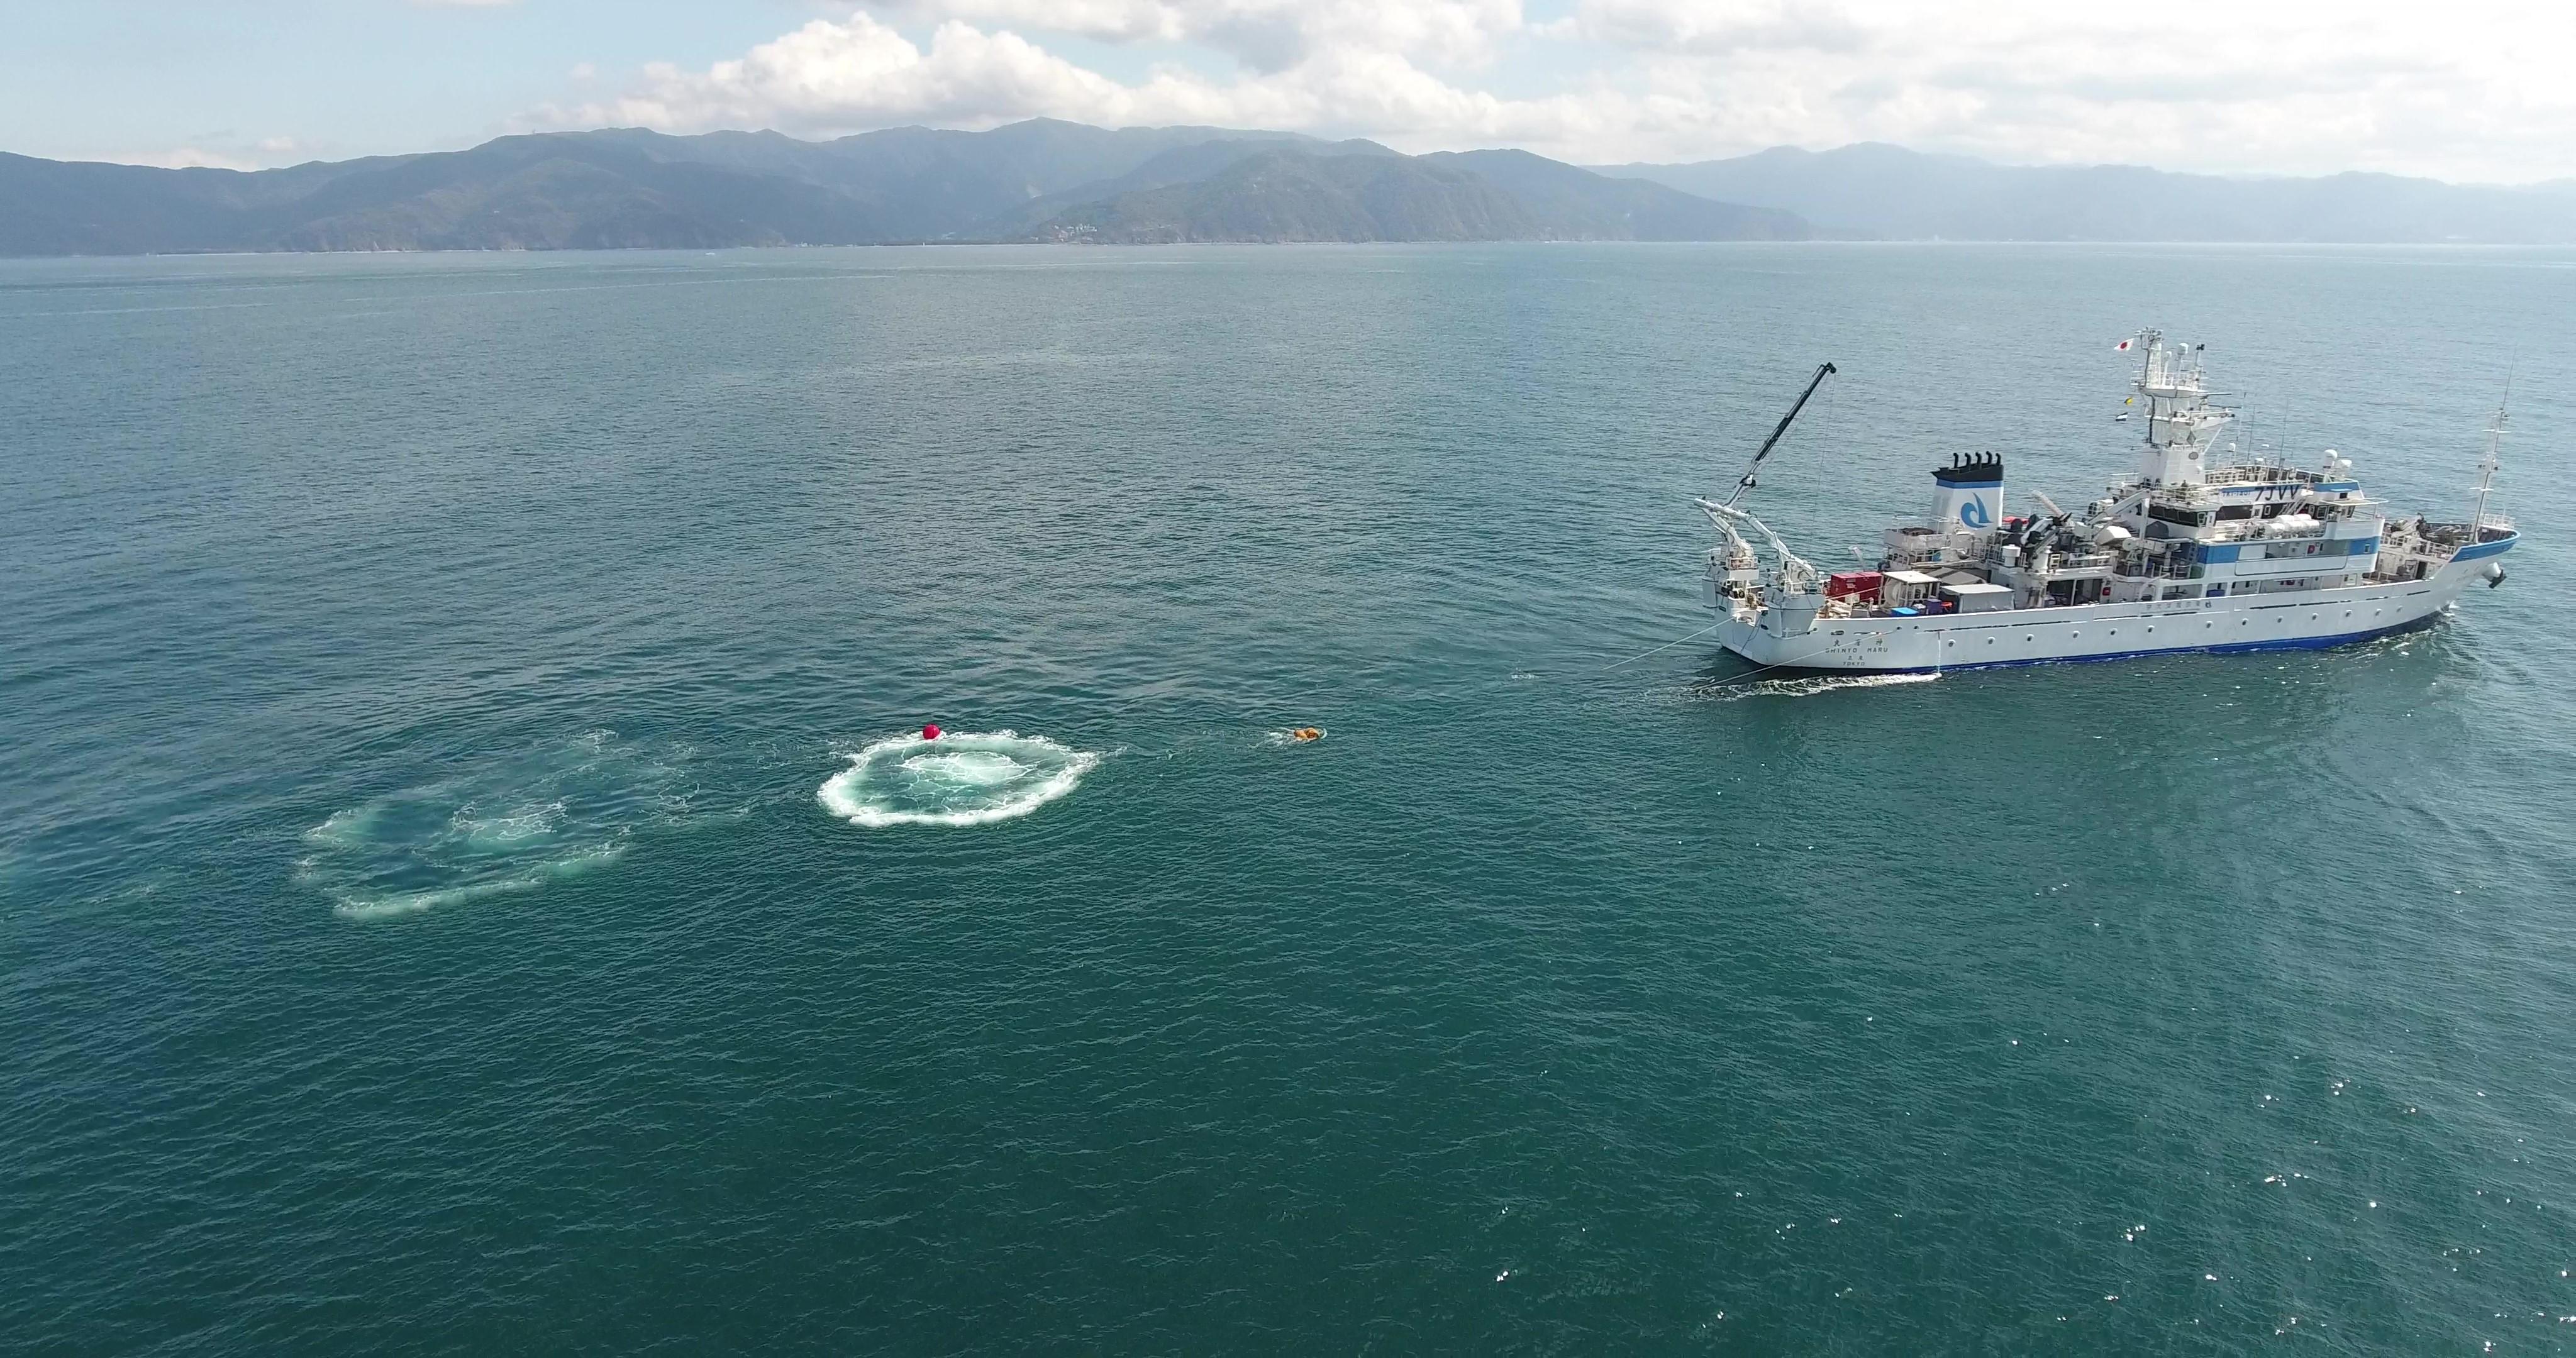 駿河湾の地殻構造に関する研究と海底地震計を用いた地震活動観測